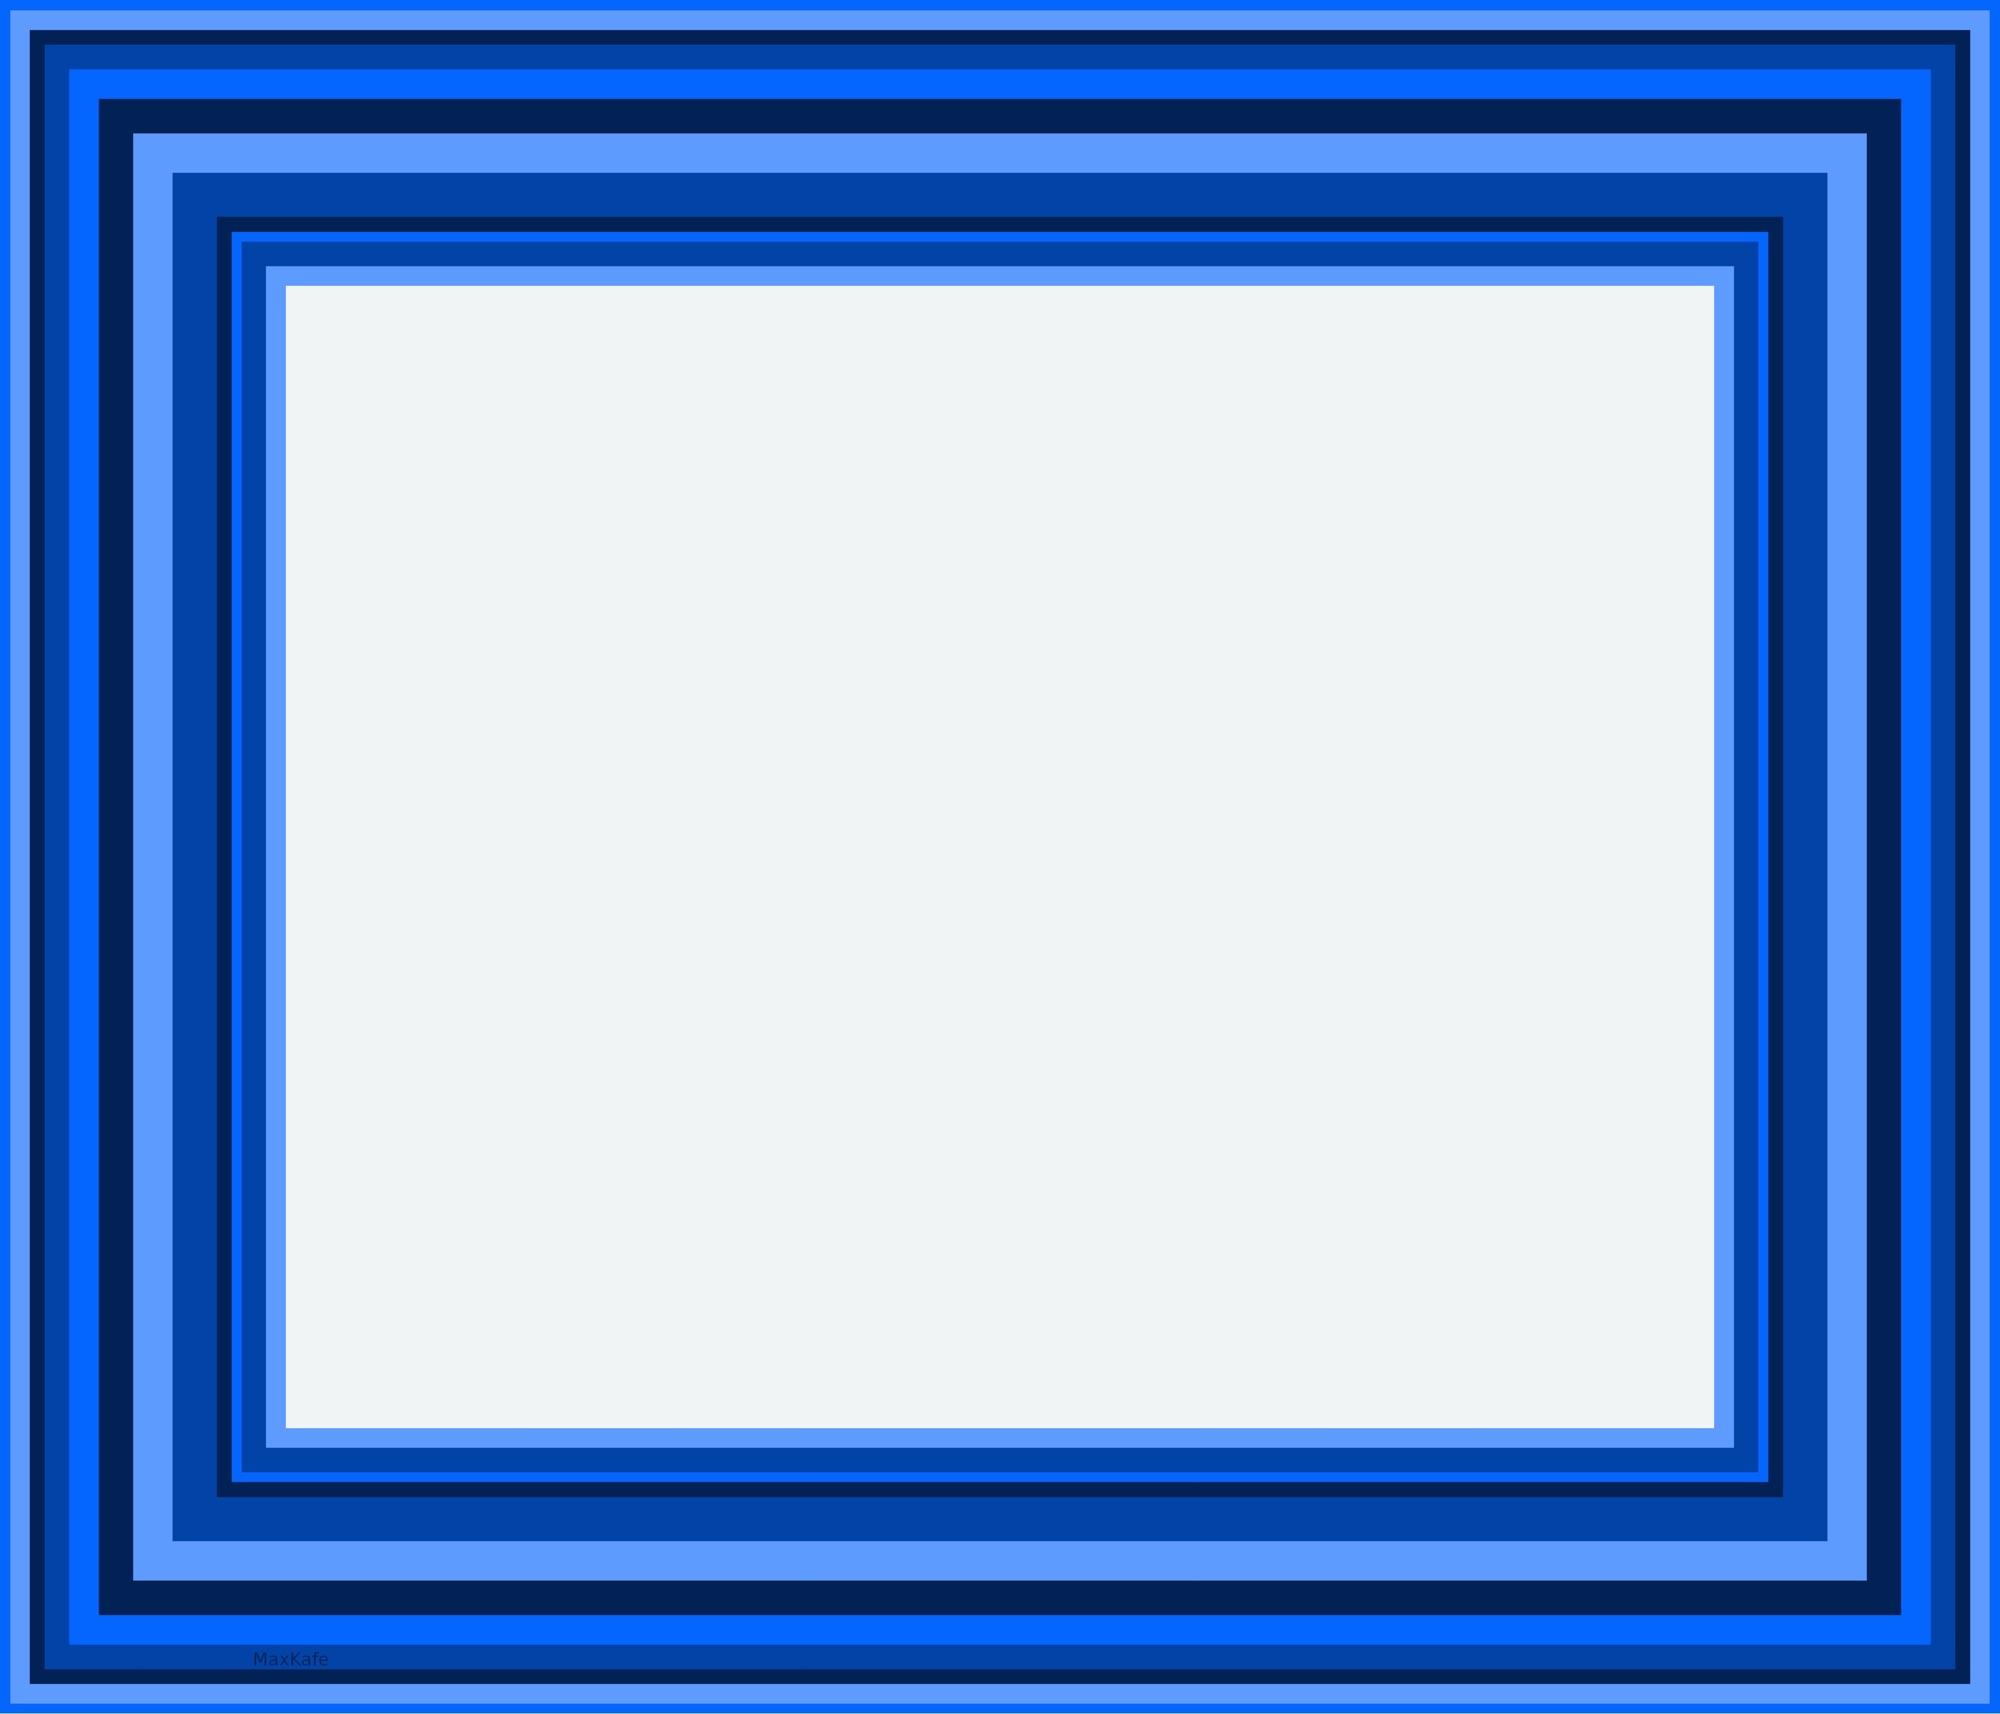 """MK16LFS105 Frame 6x7 Blue <a href=""""https://dl.orangedox.com/2p0DYl"""">[DOWNLOAD]</a>"""